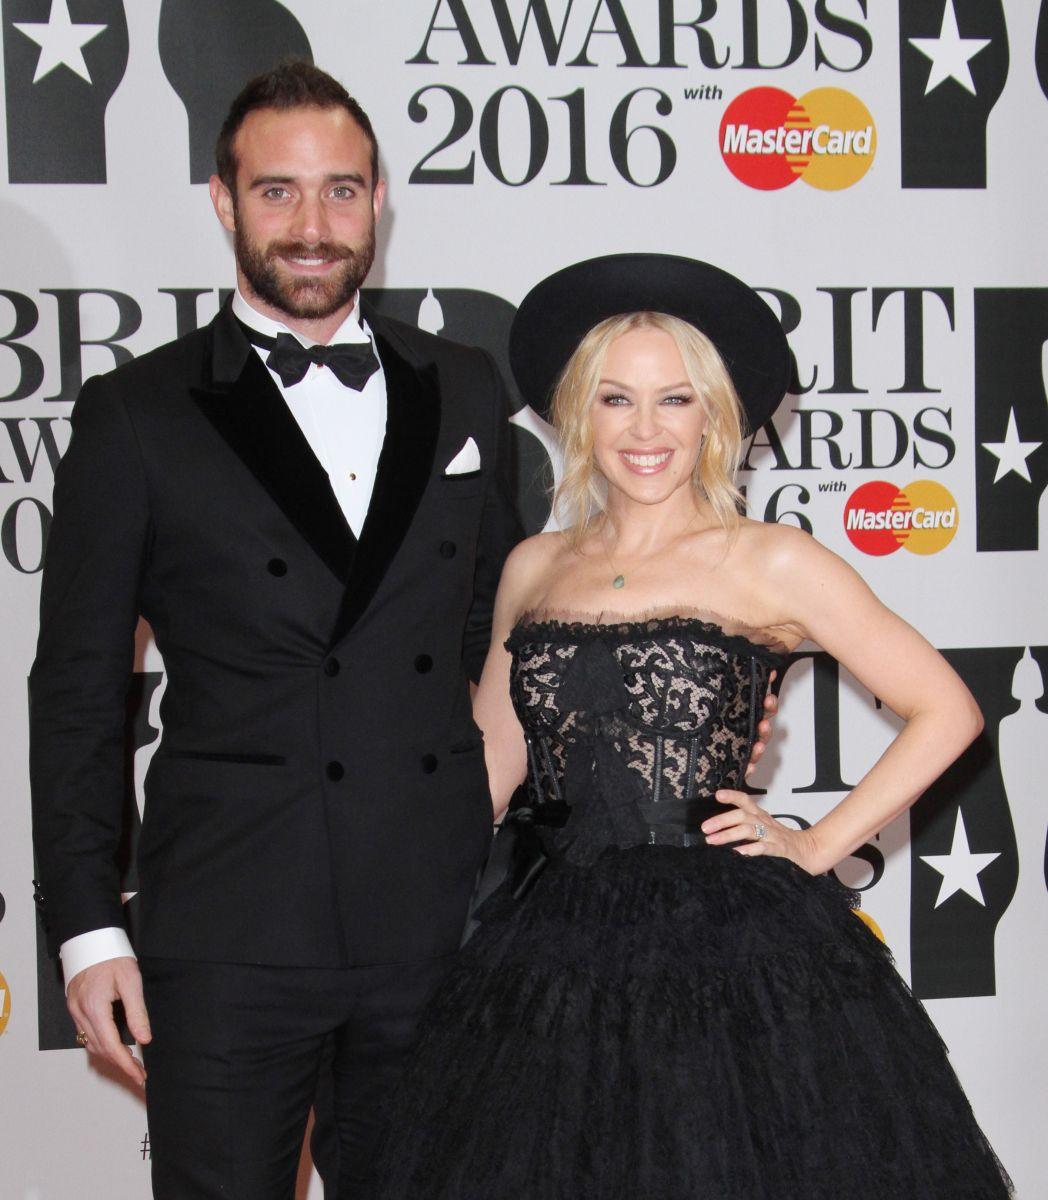 Лана Дель Рей, Адель, Рианна, Кайли Миноуг и другие лучшие beauty-образы The Brit Awards 2016